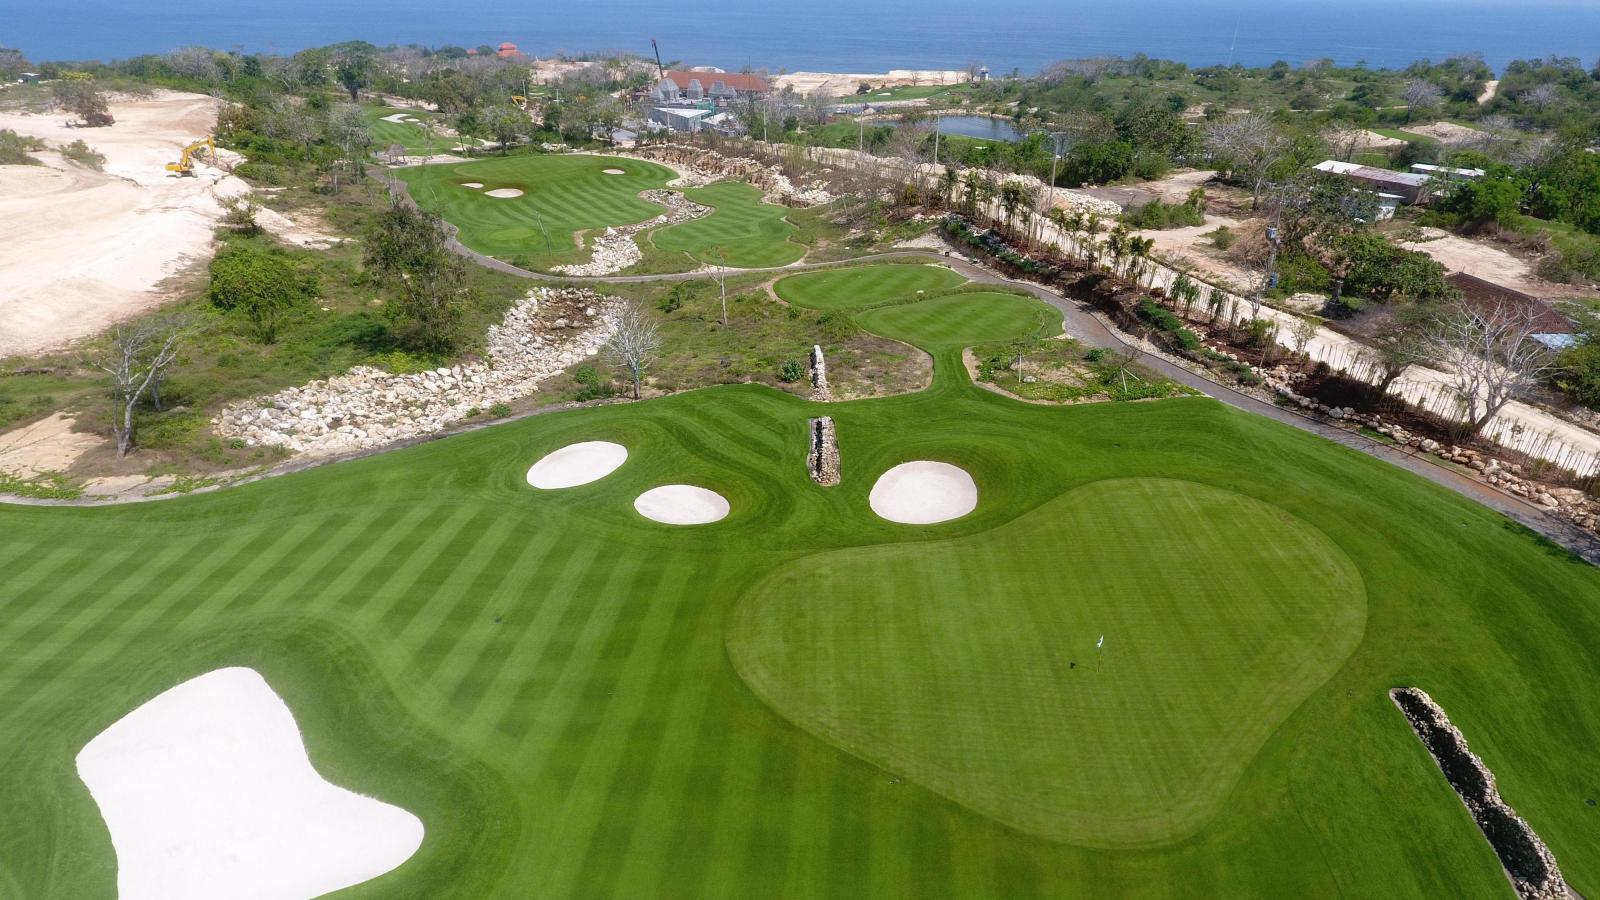 Bukit pandawa golf country club book golf online - Golf cart rentals garden city sc ...